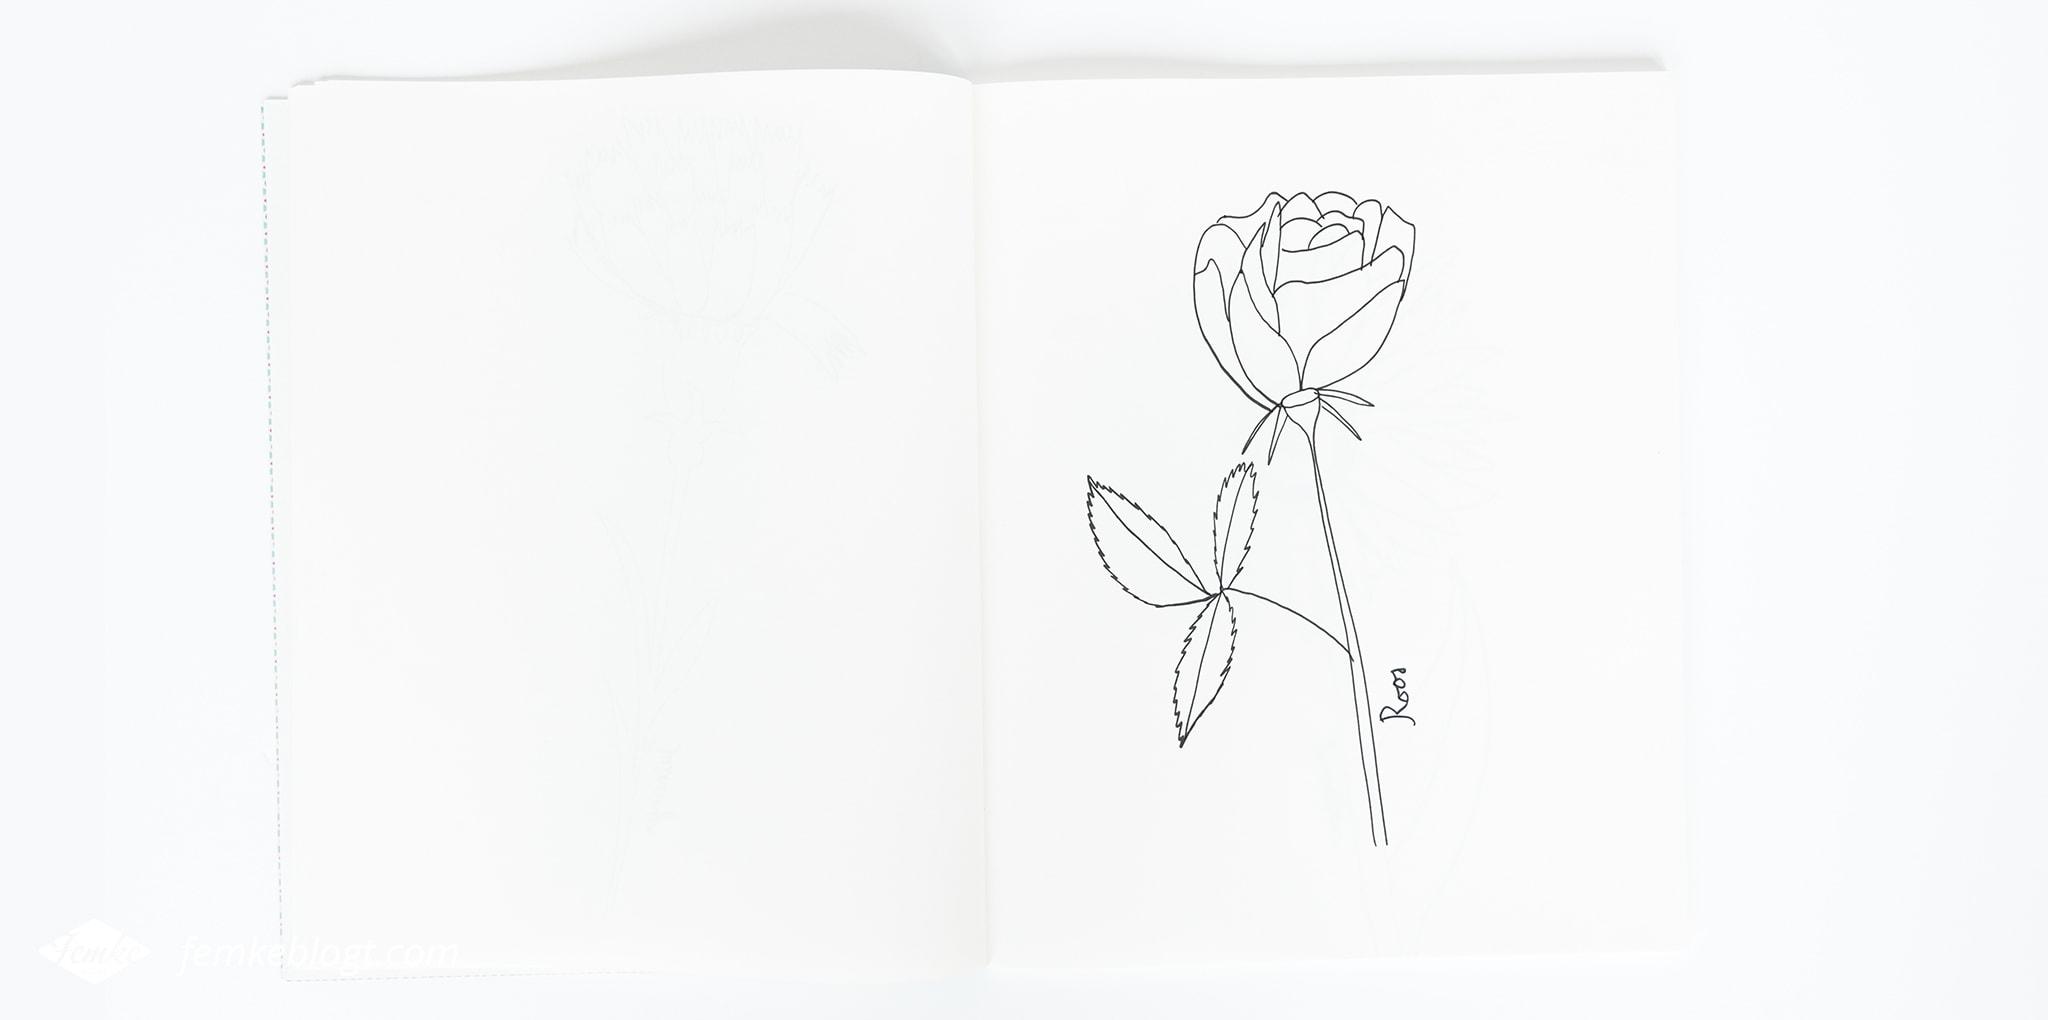 31 Dagen bloemen #9 | Roos tekenen